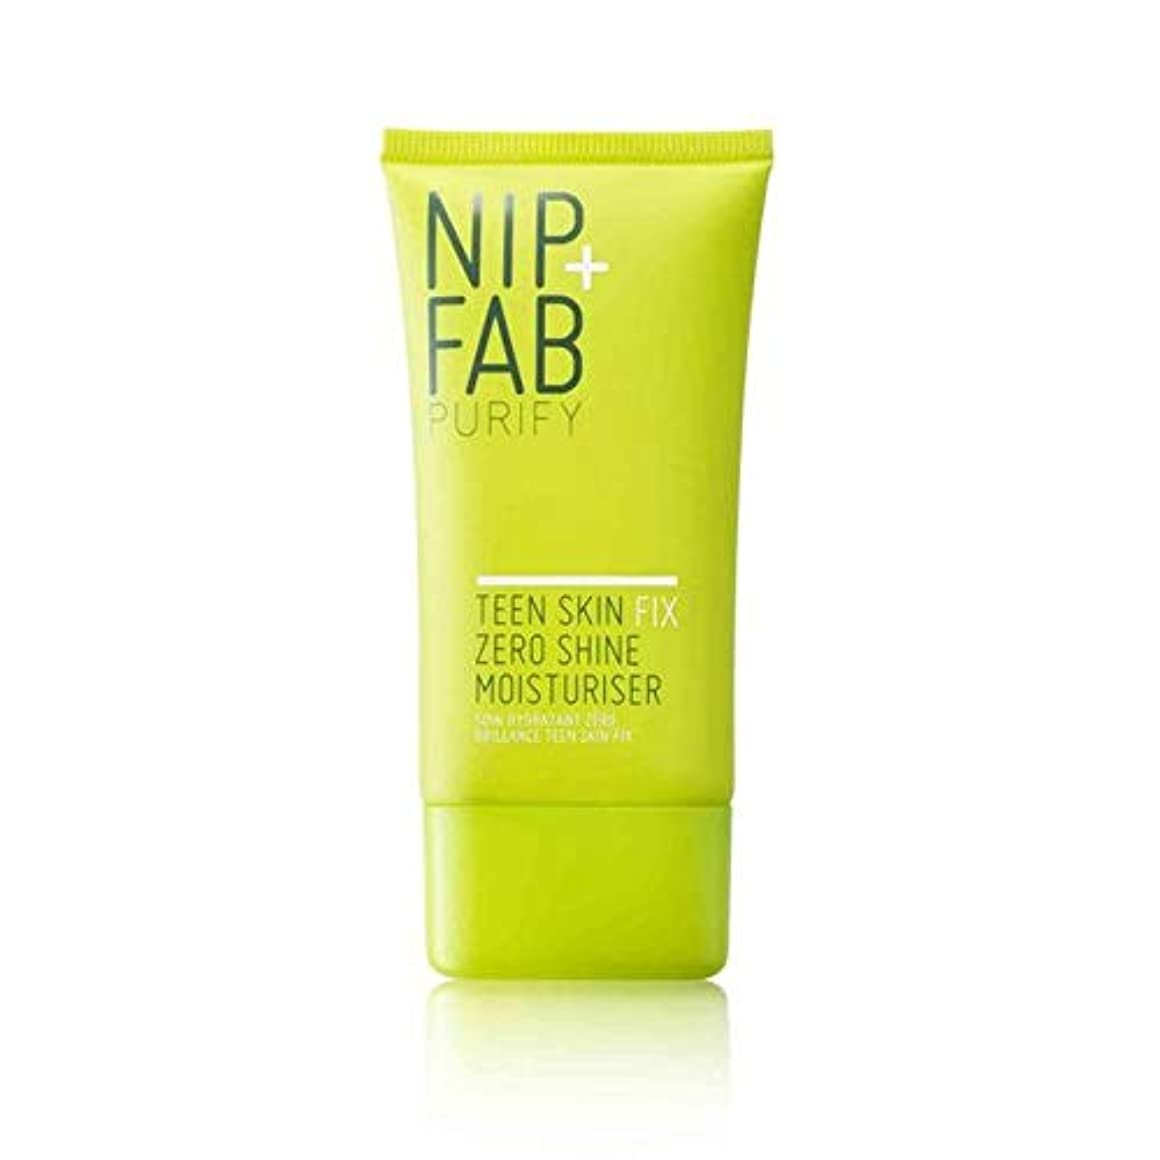 媒染剤発明する役立つ[Nip & Fab ] + Fab十代の肌ニップゼロ輝き保湿40ミリリットルを修正 - Nip+Fab Teen Skin Fix Zero Shine Moisturiser 40ml [並行輸入品]